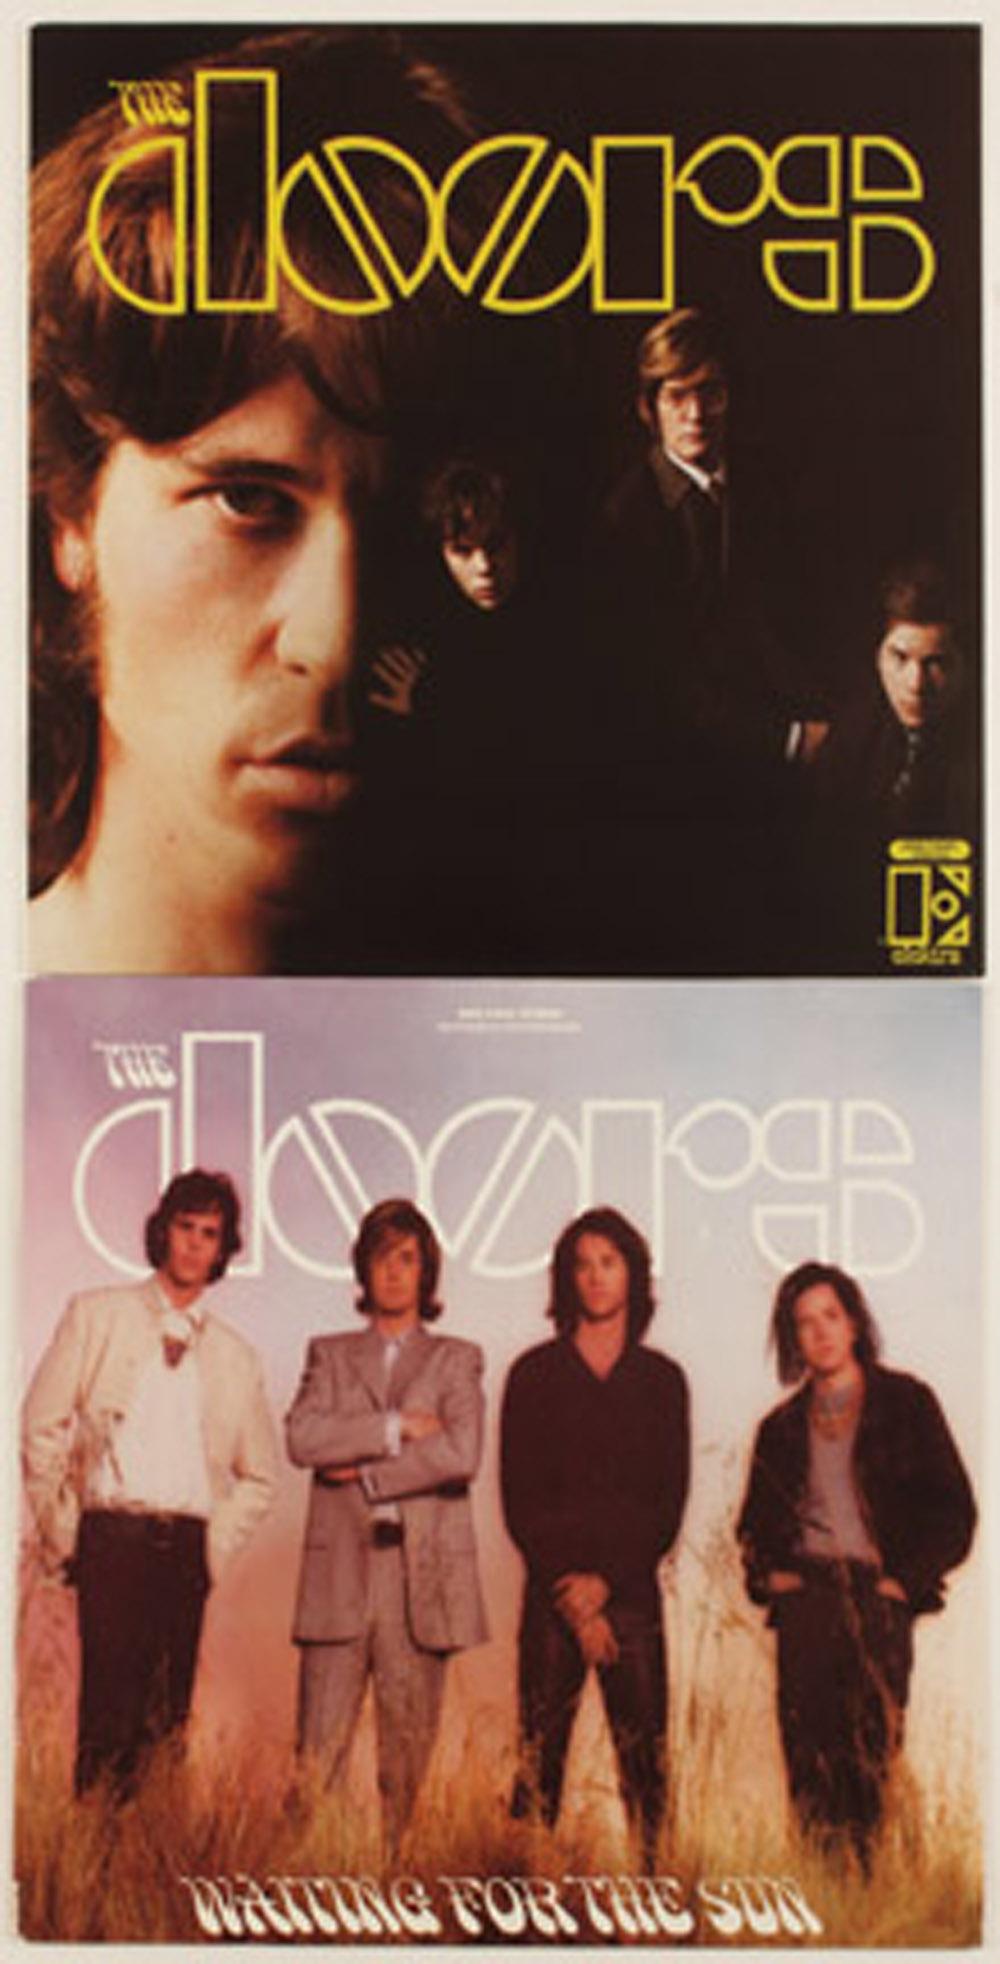 Oliver Stone\u0027s Doors movie album cover props  sc 1 st  The Freedom Man & Oliver Stone\u0027s Doors movie album cover props - THE DOORS FORUM at ...